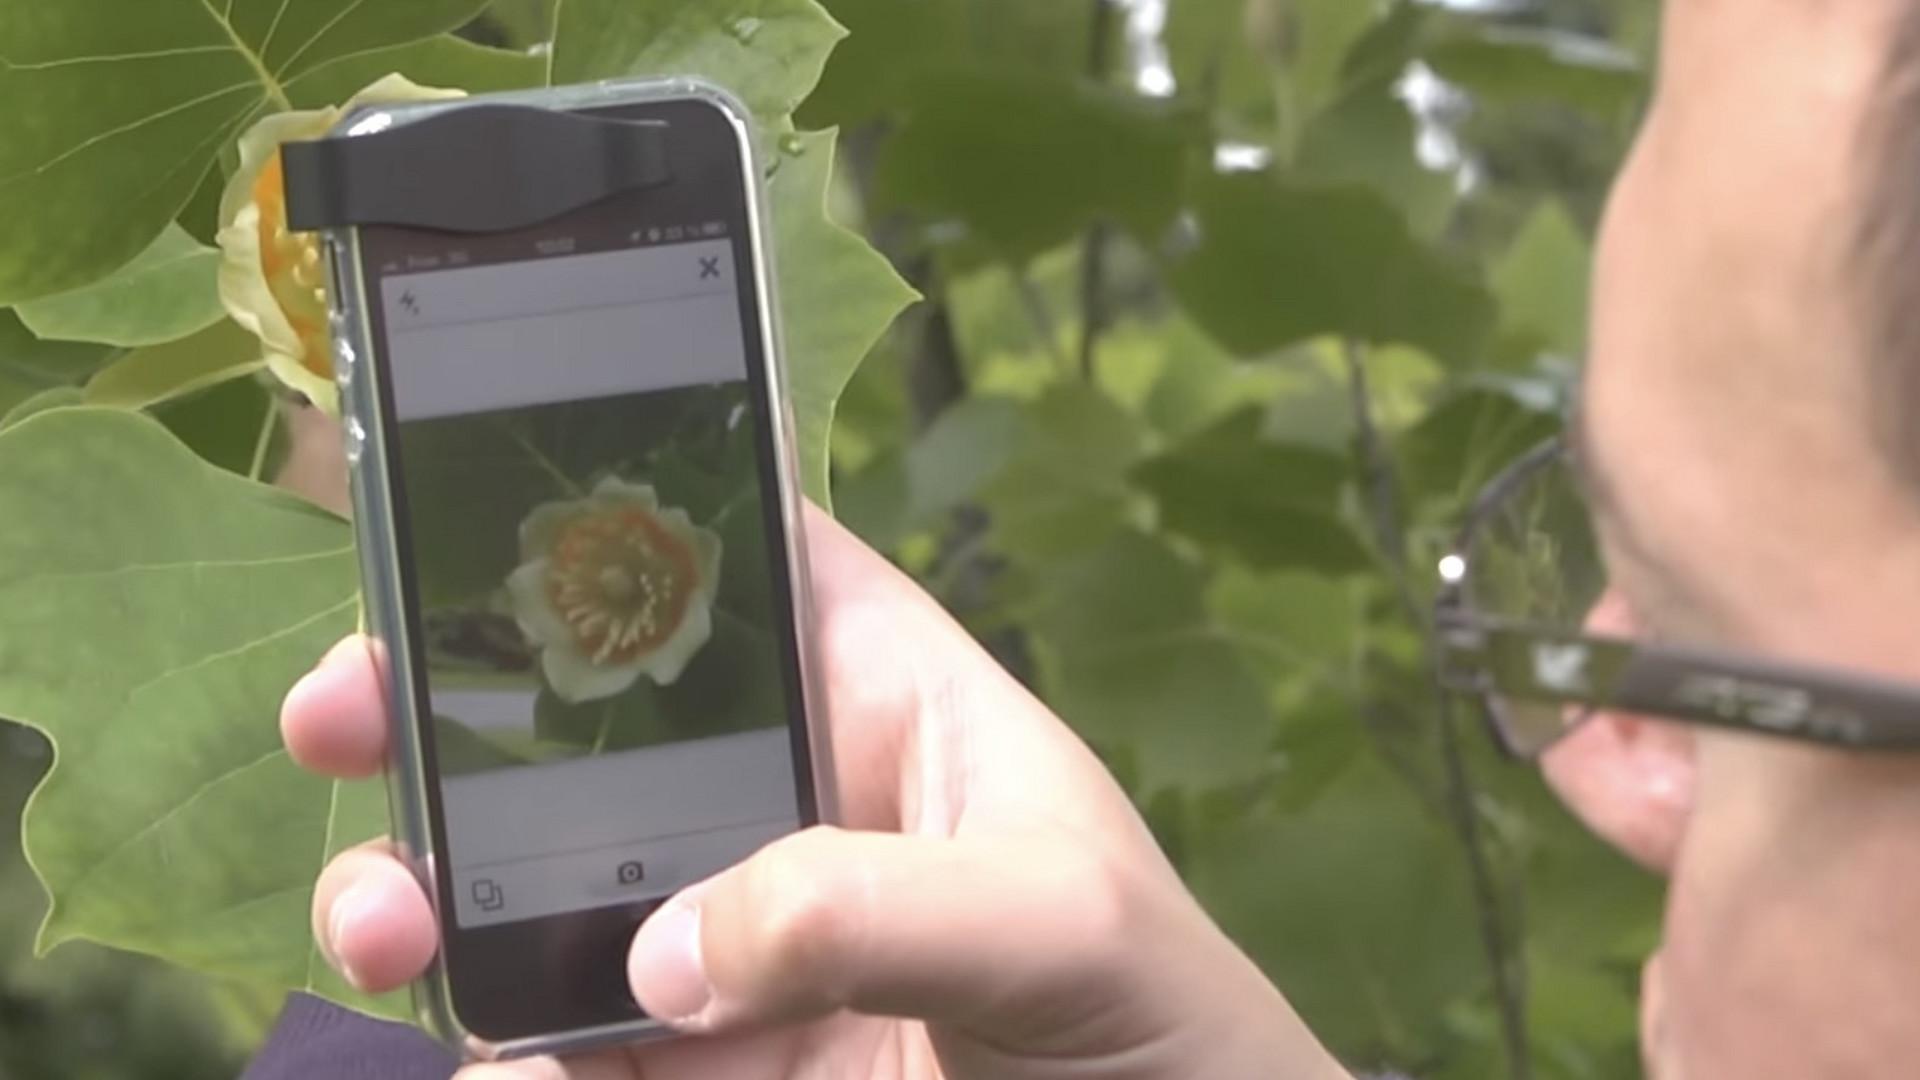 Pflanzen Erkennen Mit Einer Handy App Noizz